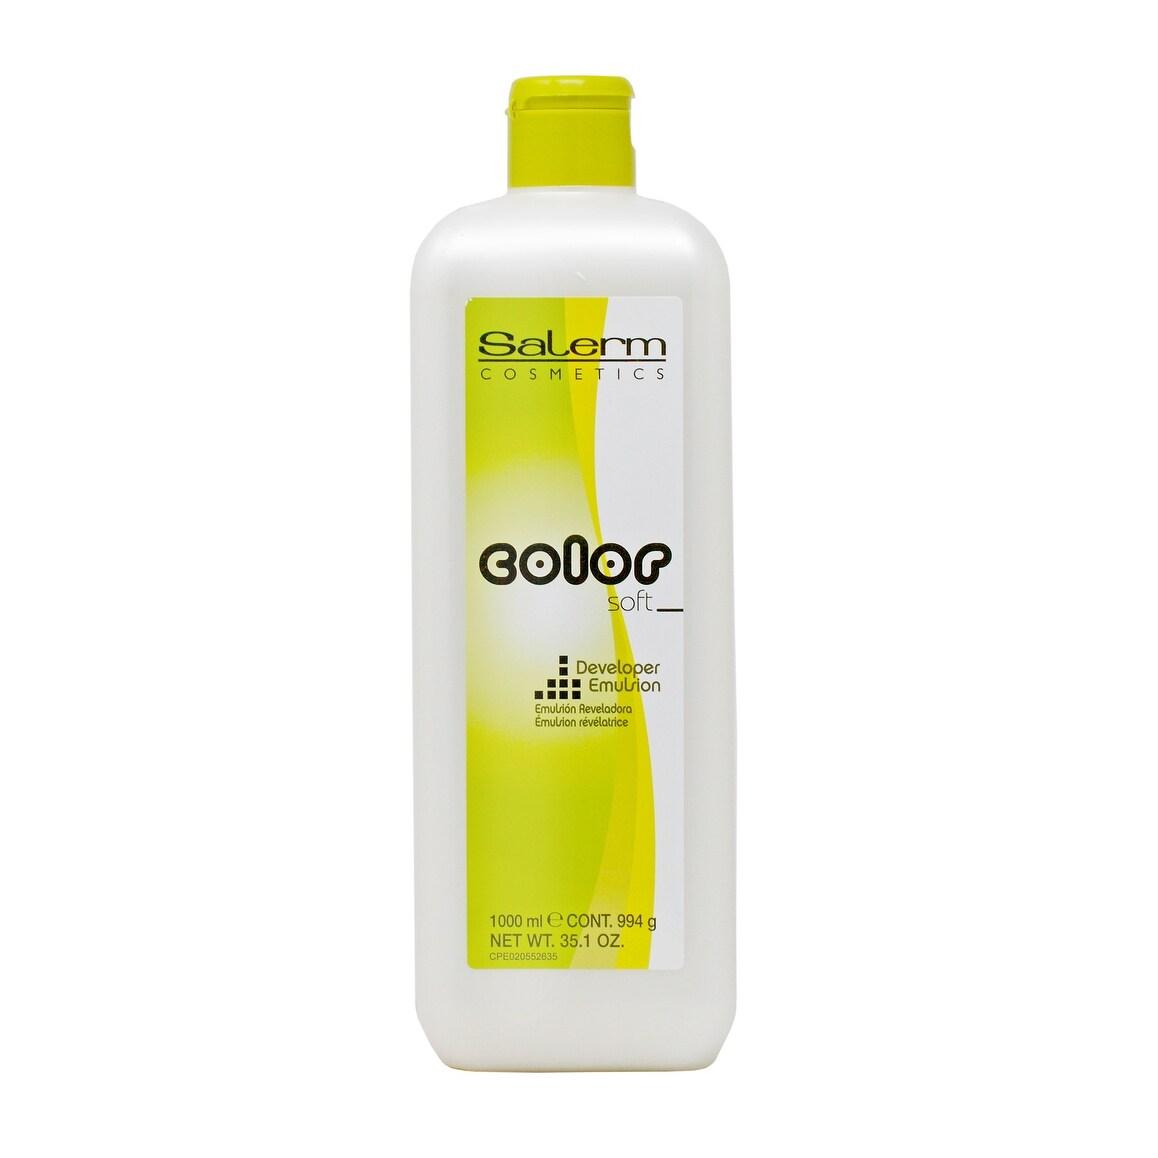 Salerm-Color-Soft-Developer-Emulsion-1000ml-36oz